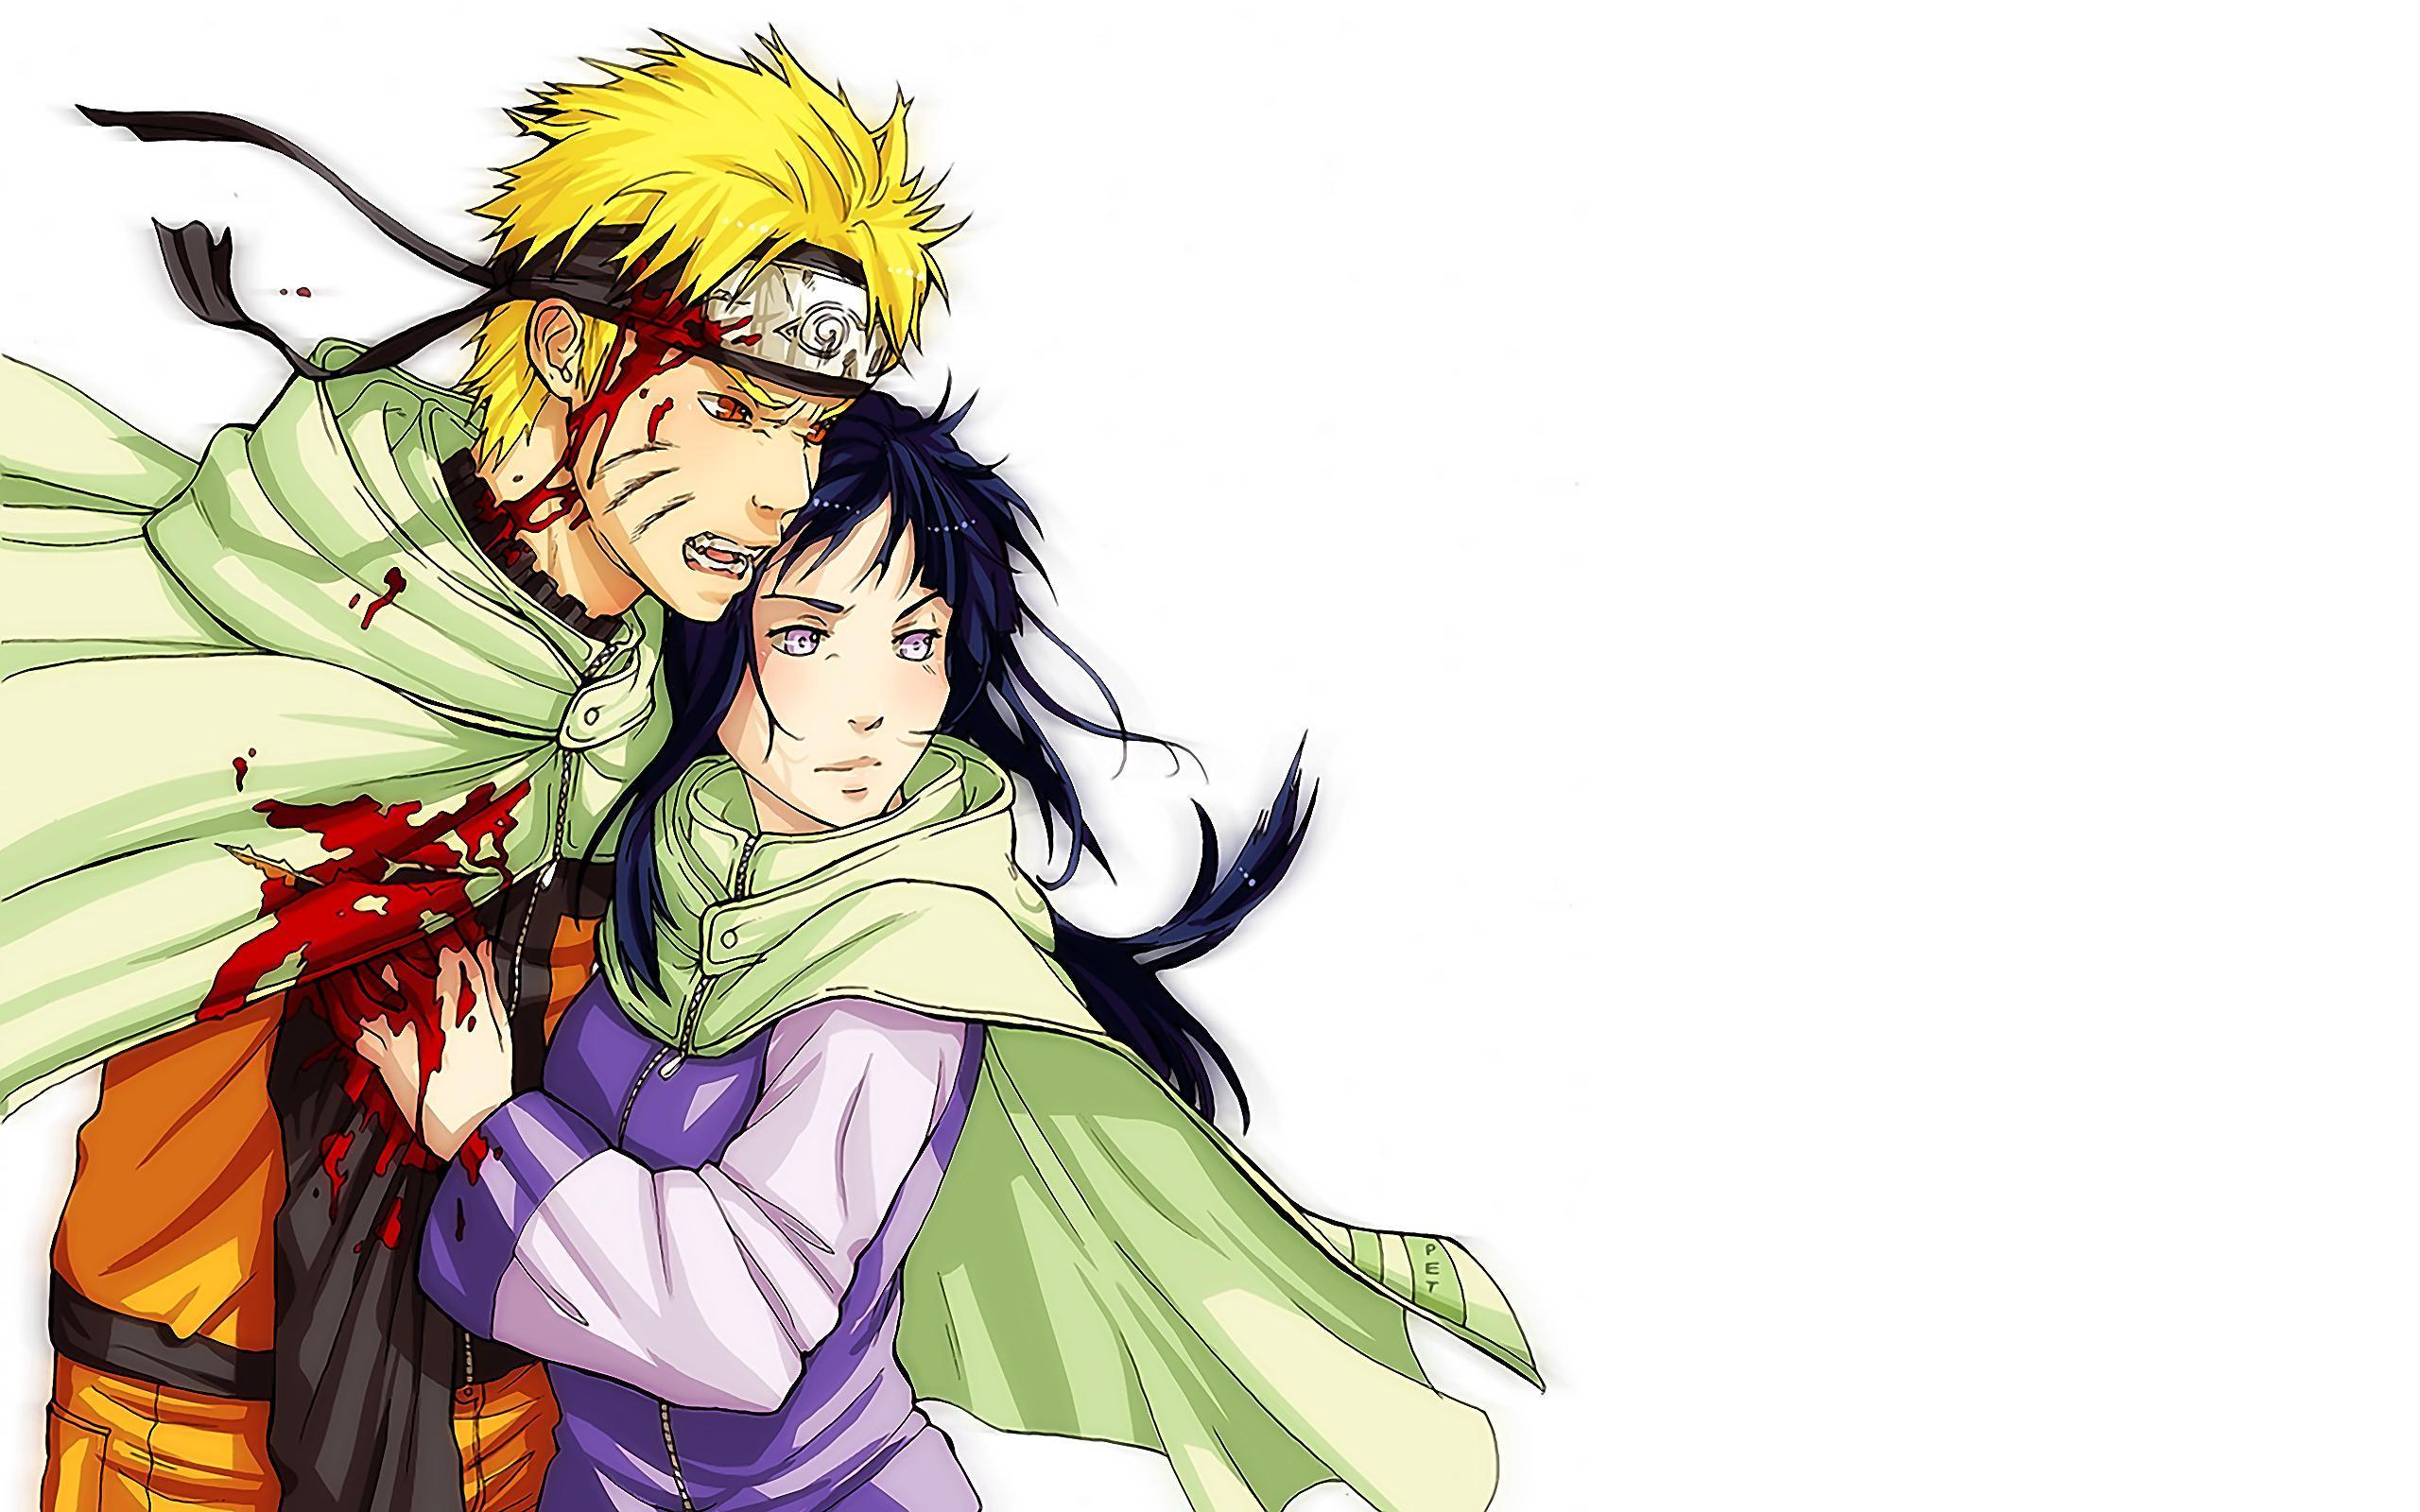 Naruto And Hinata Wallpapers Top Free Naruto And Hinata Backgrounds Wallpaperaccess